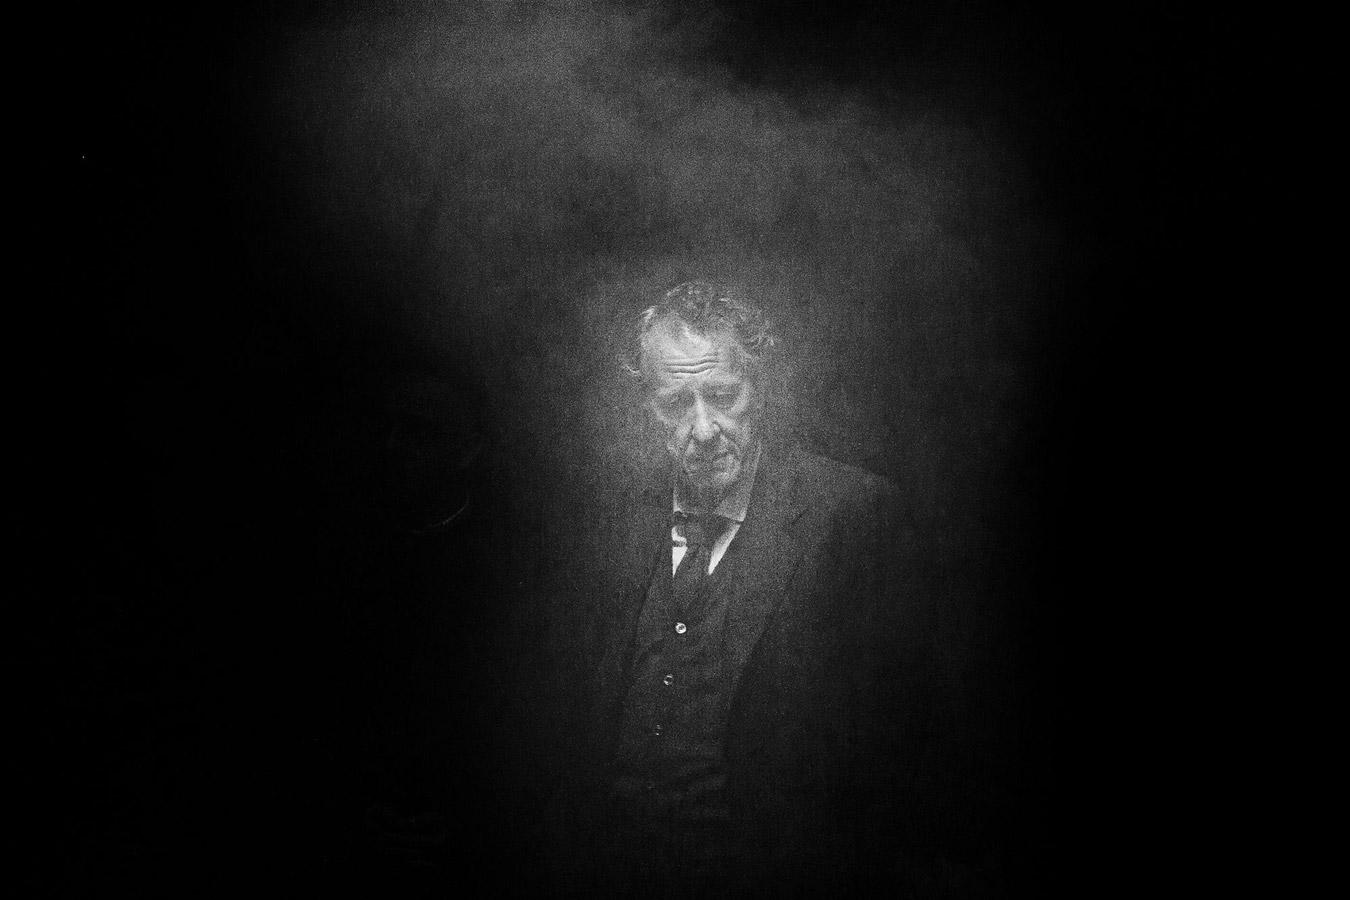 Лучшее предложение, © Стефано Ширато / Stefano Schirato, Италия, Финалист конкурса, Фотоконкурс «Портрет» — LensCulture Portrait Awards